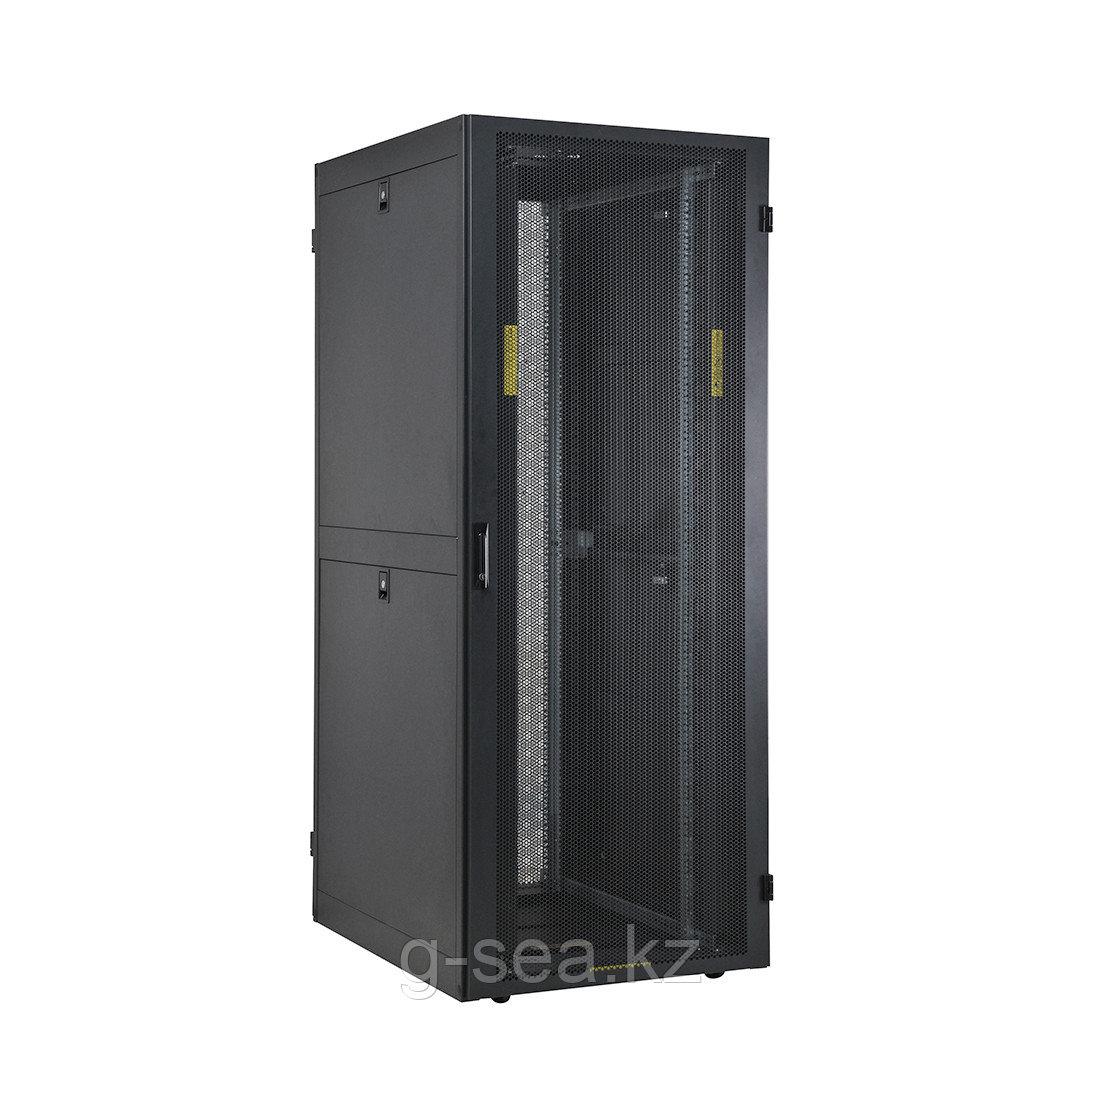 Шкаф серверный, Ship, VE серия, 19  42U, 800*1000*2000mm, чёрный